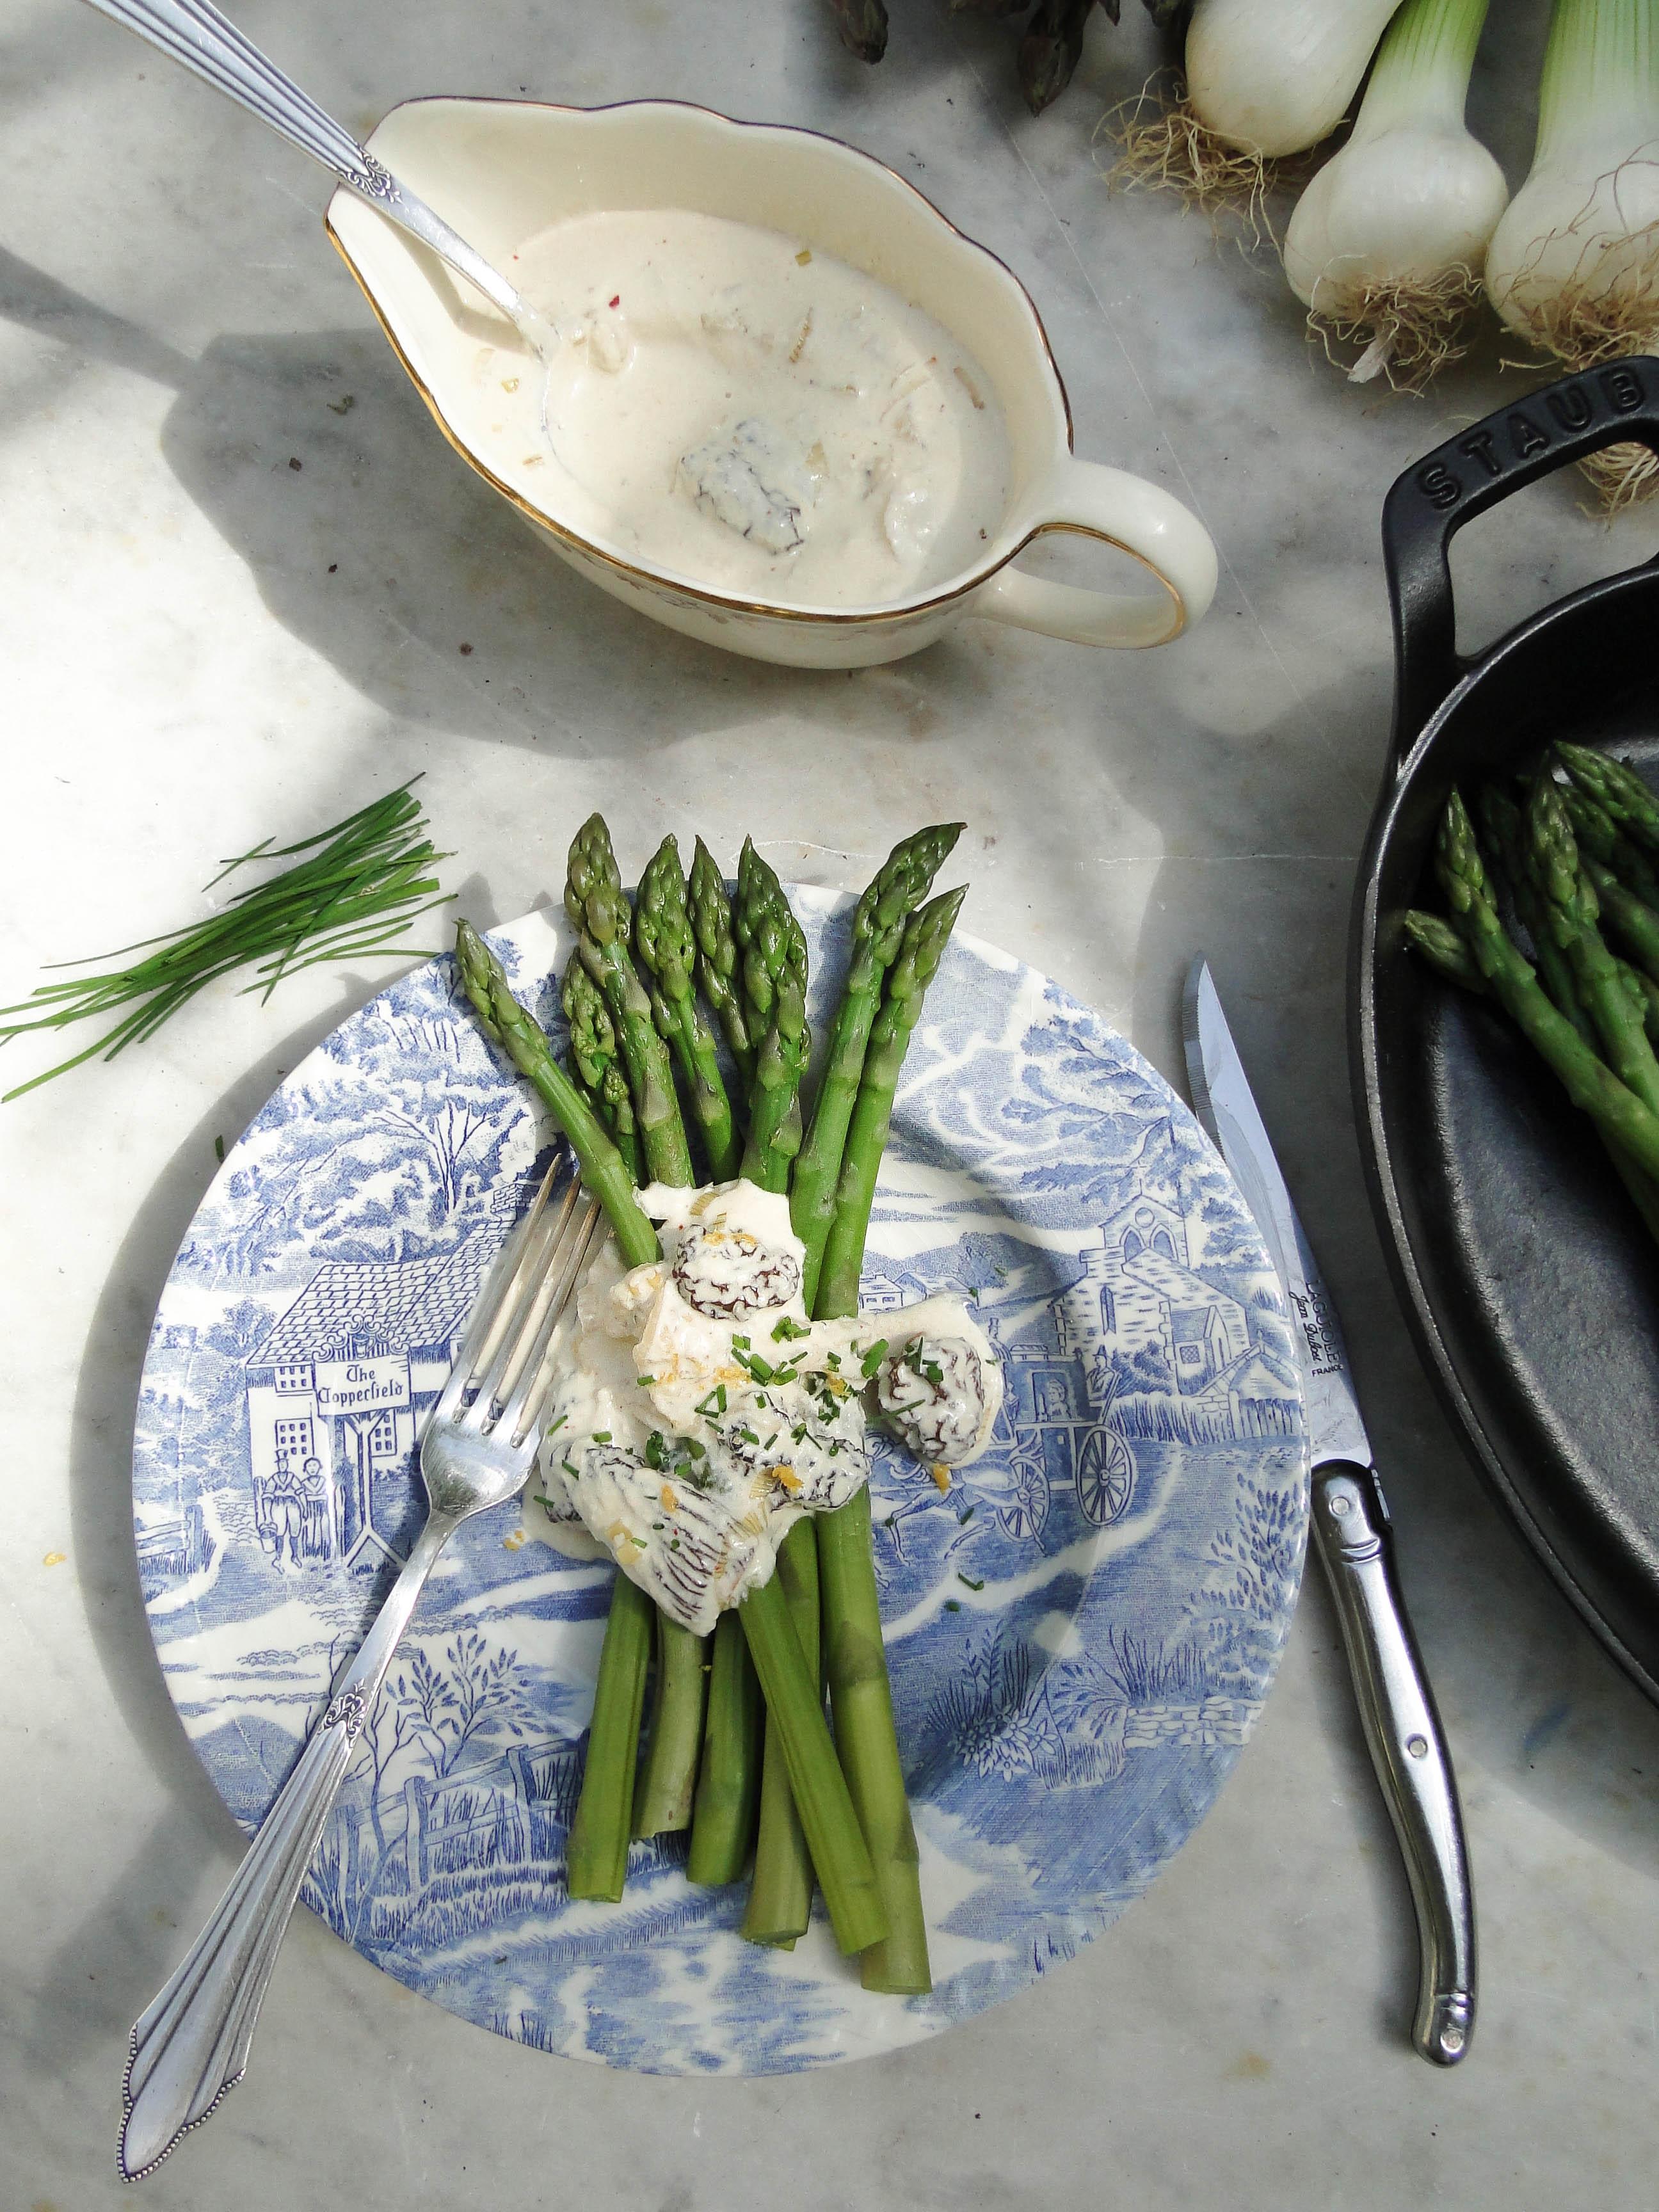 green asparagus morilles